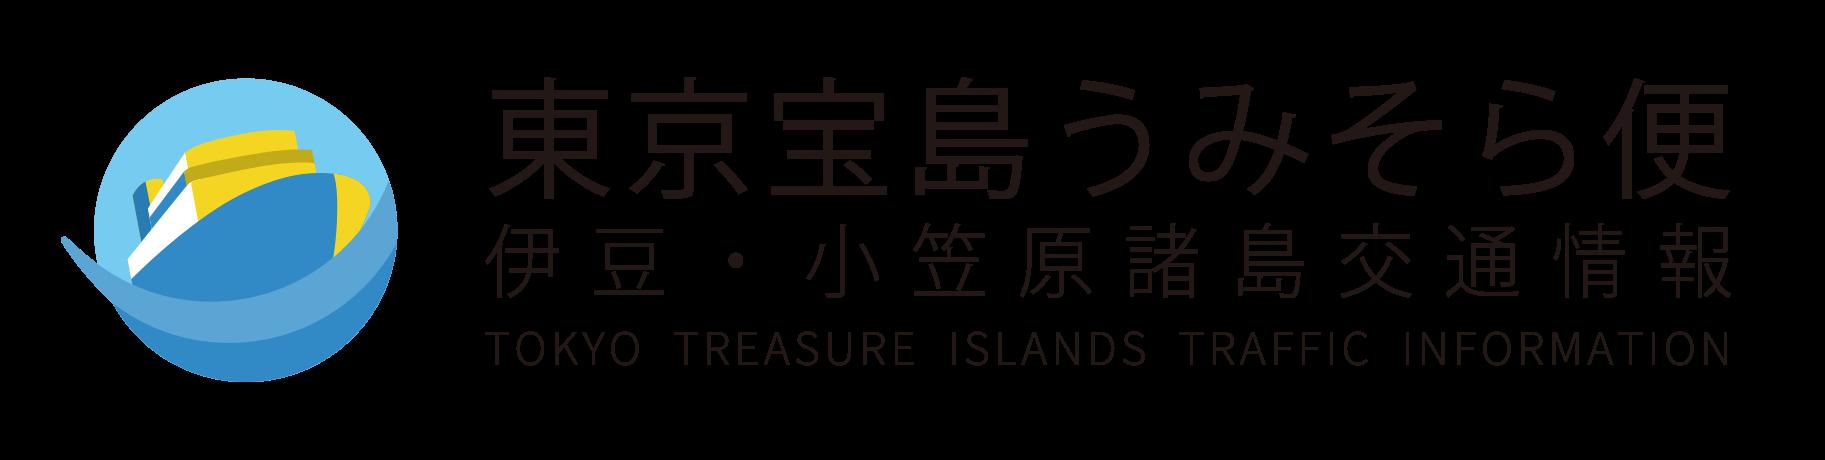 東京うみそら便_伊豆・小笠原諸島交通情報